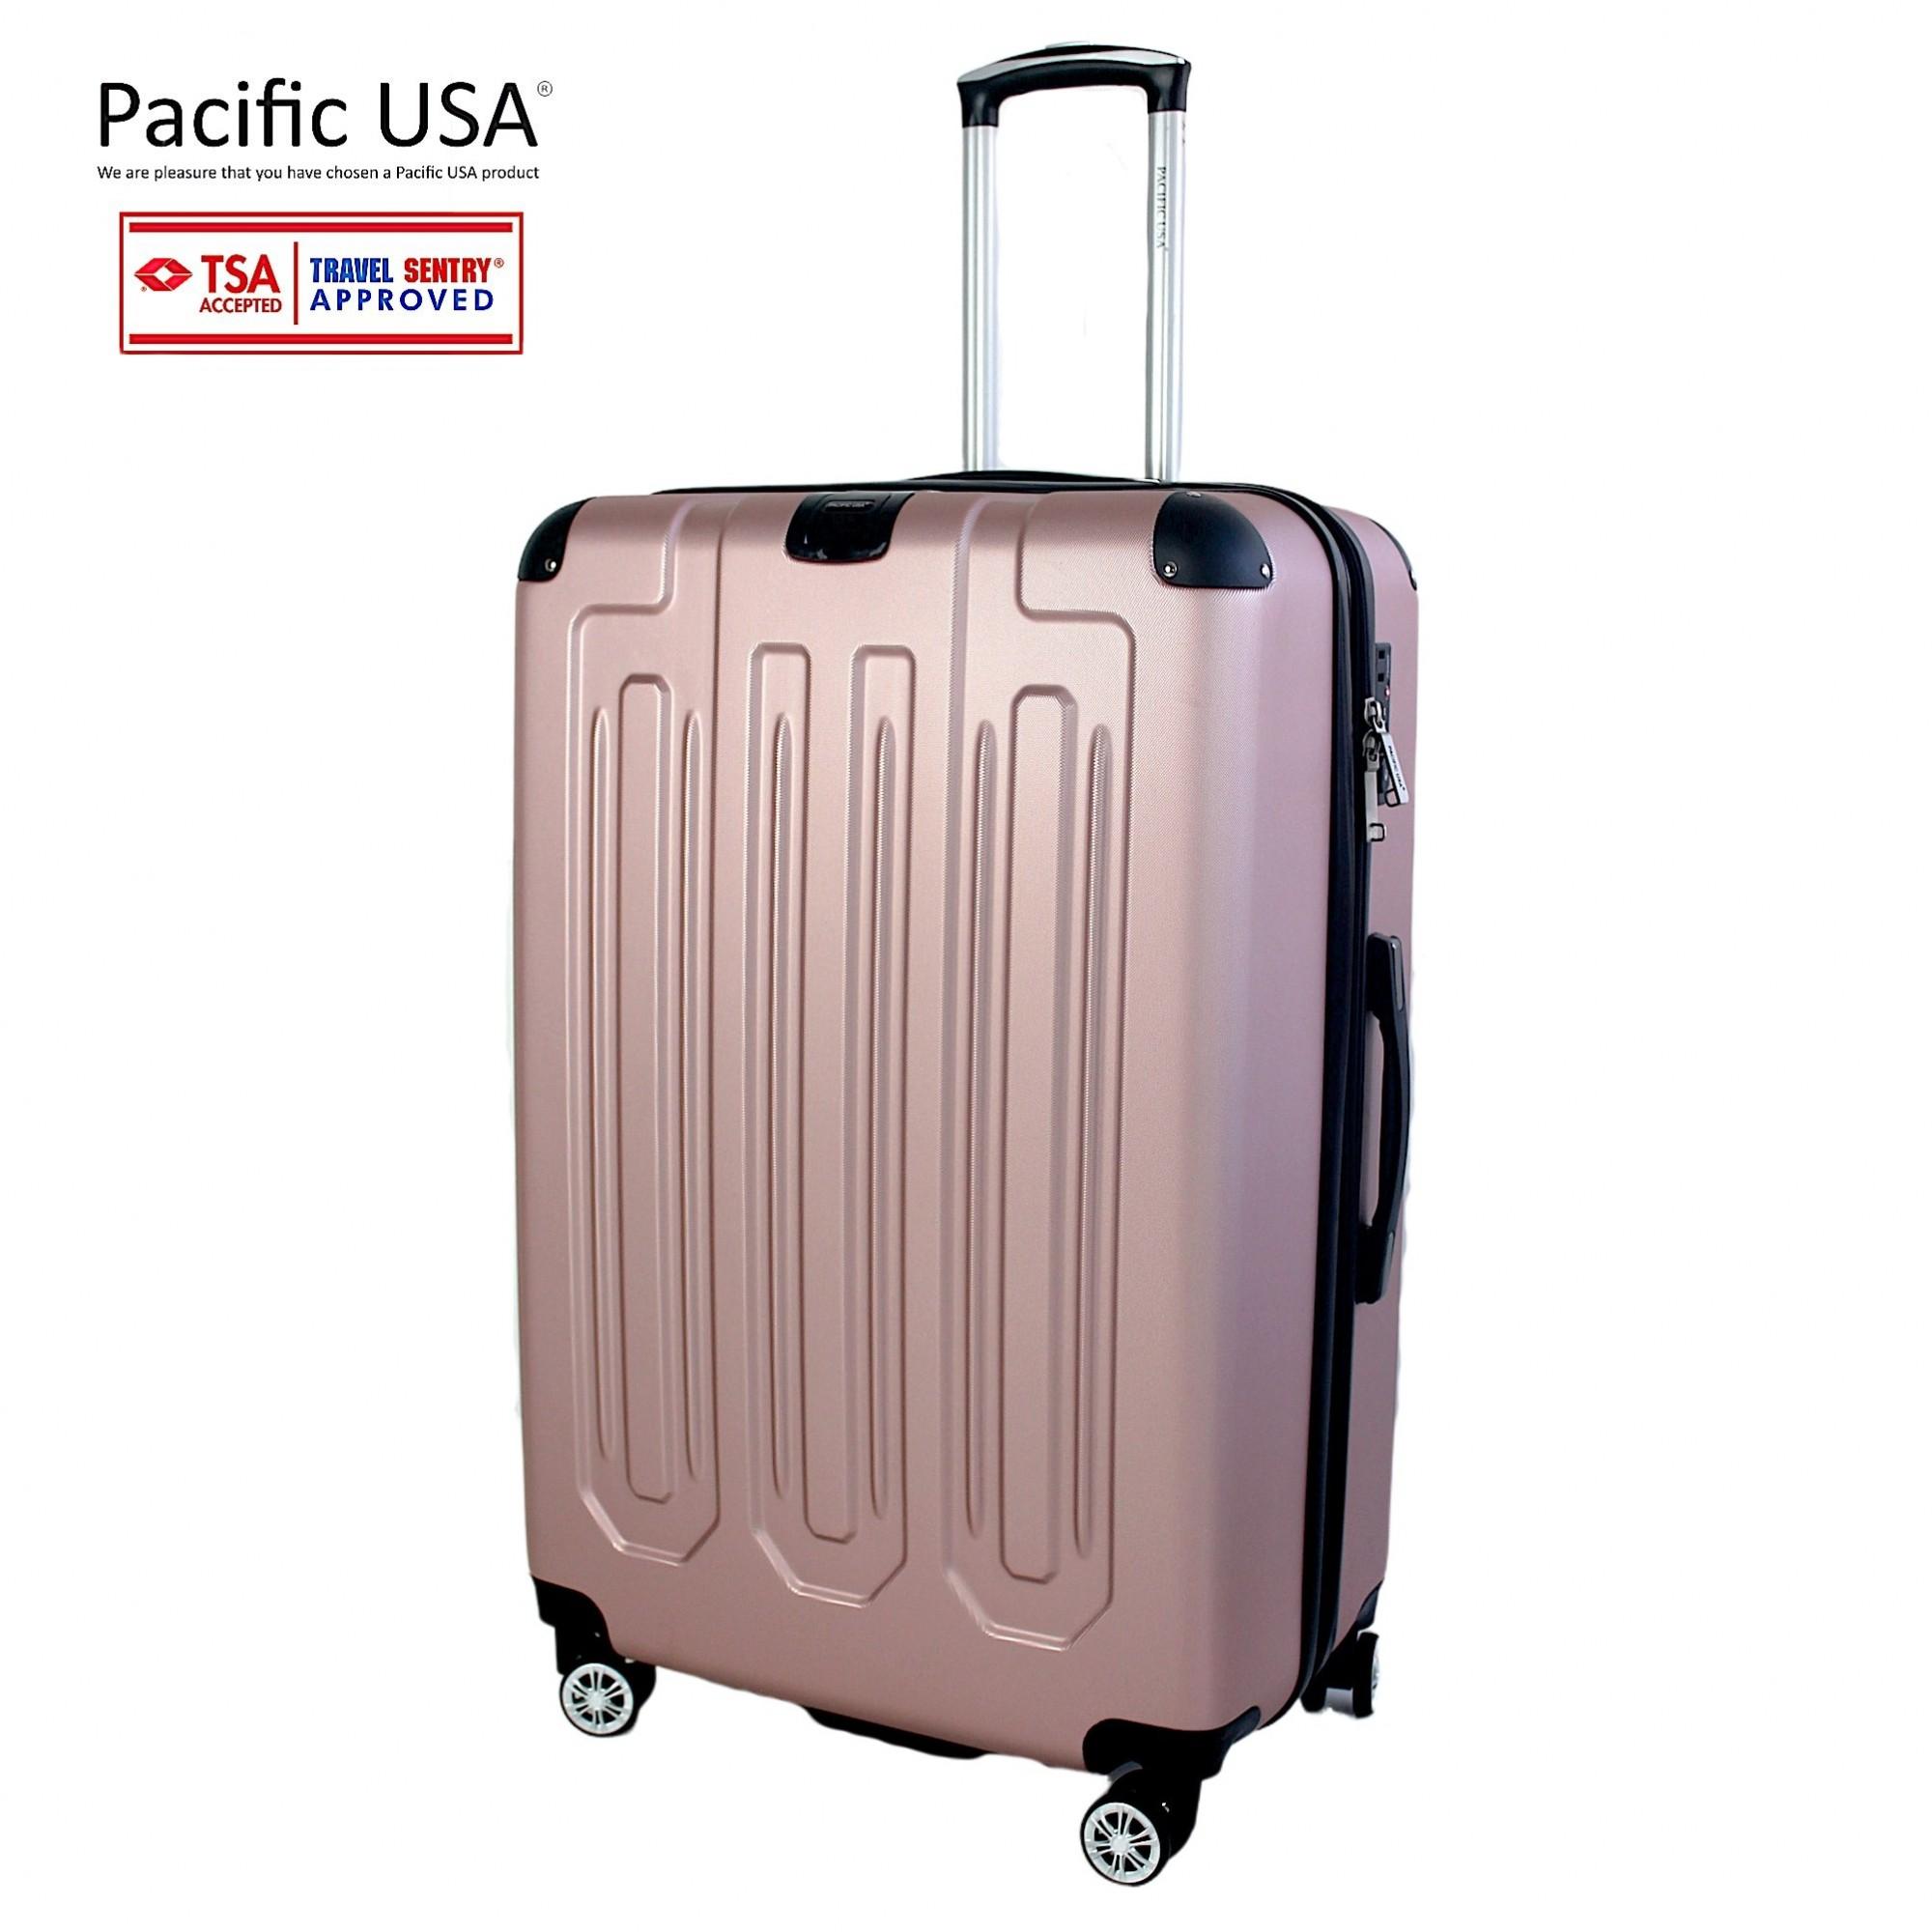 Mala Média - Pacific USA 8852